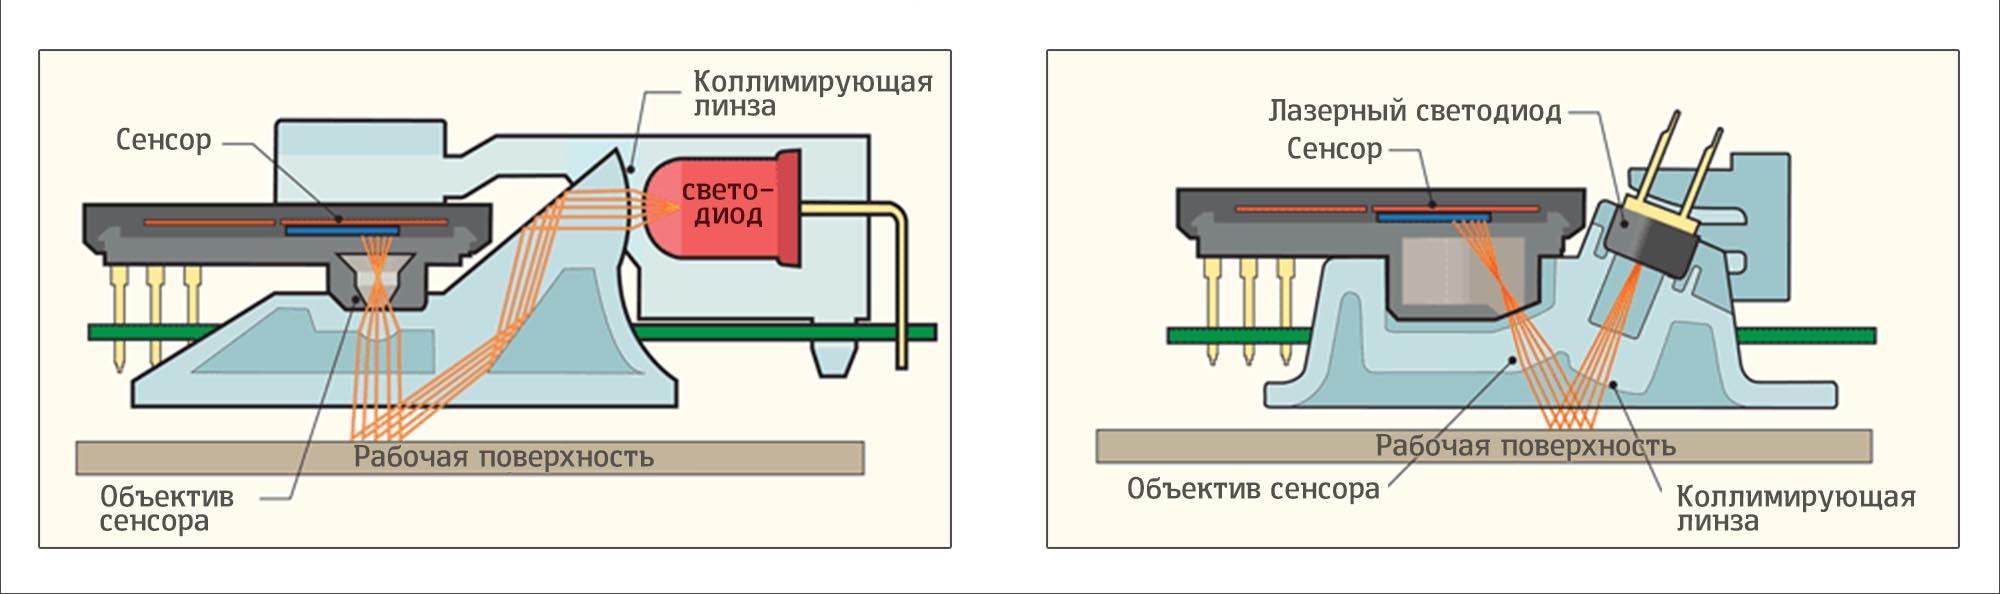 Чем отличается оптическая мышь от лазерной